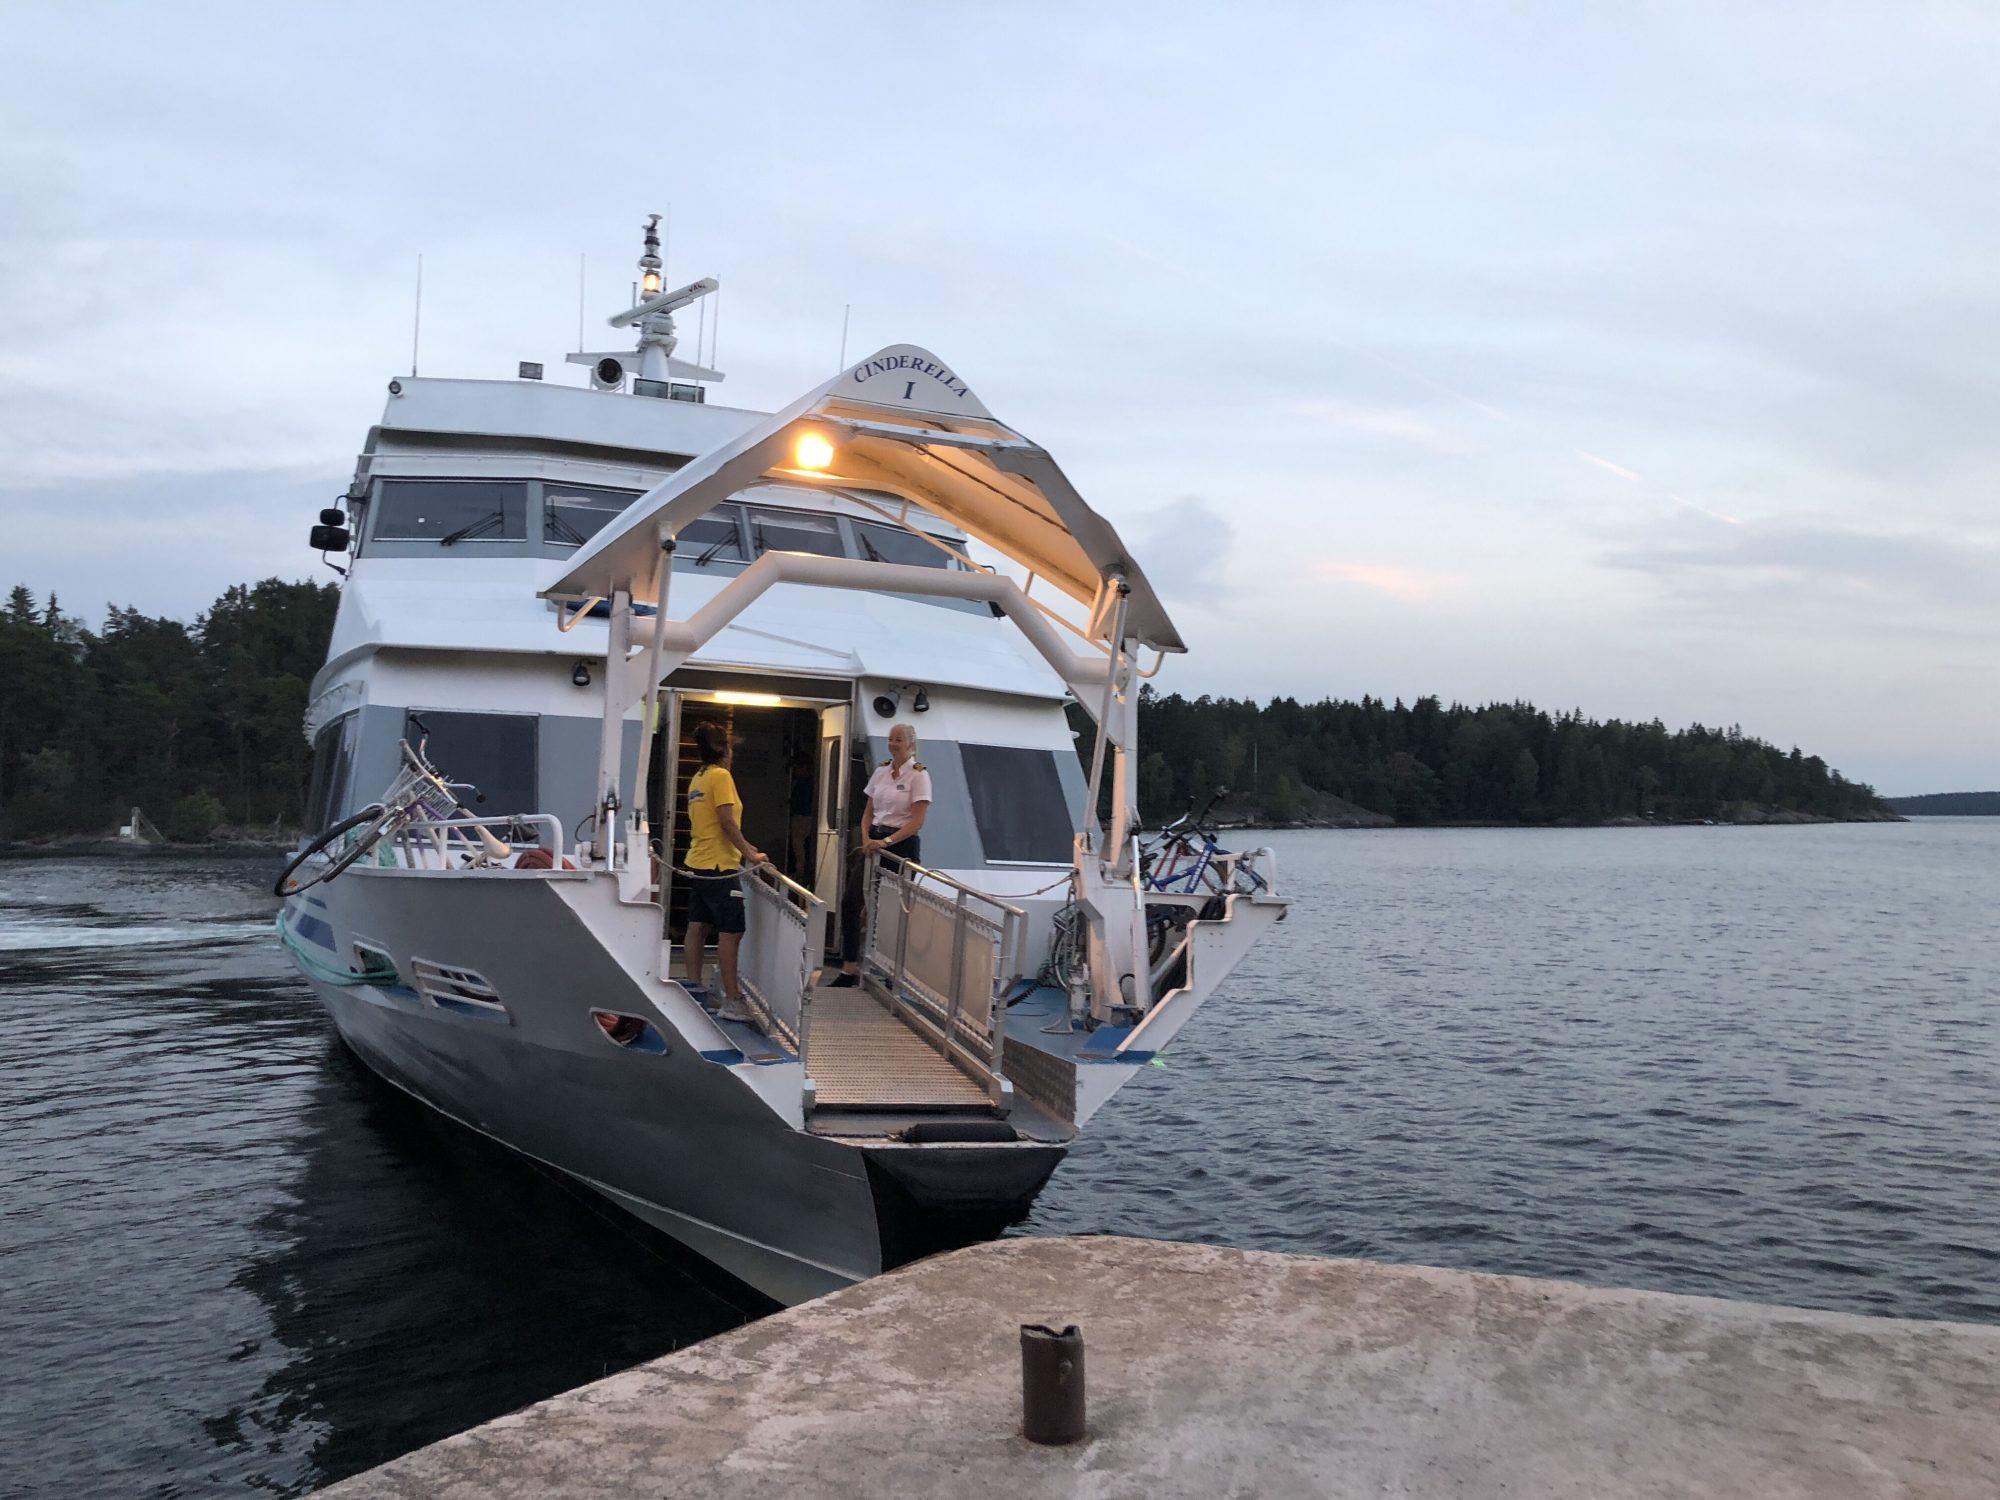 Cinderellabåt